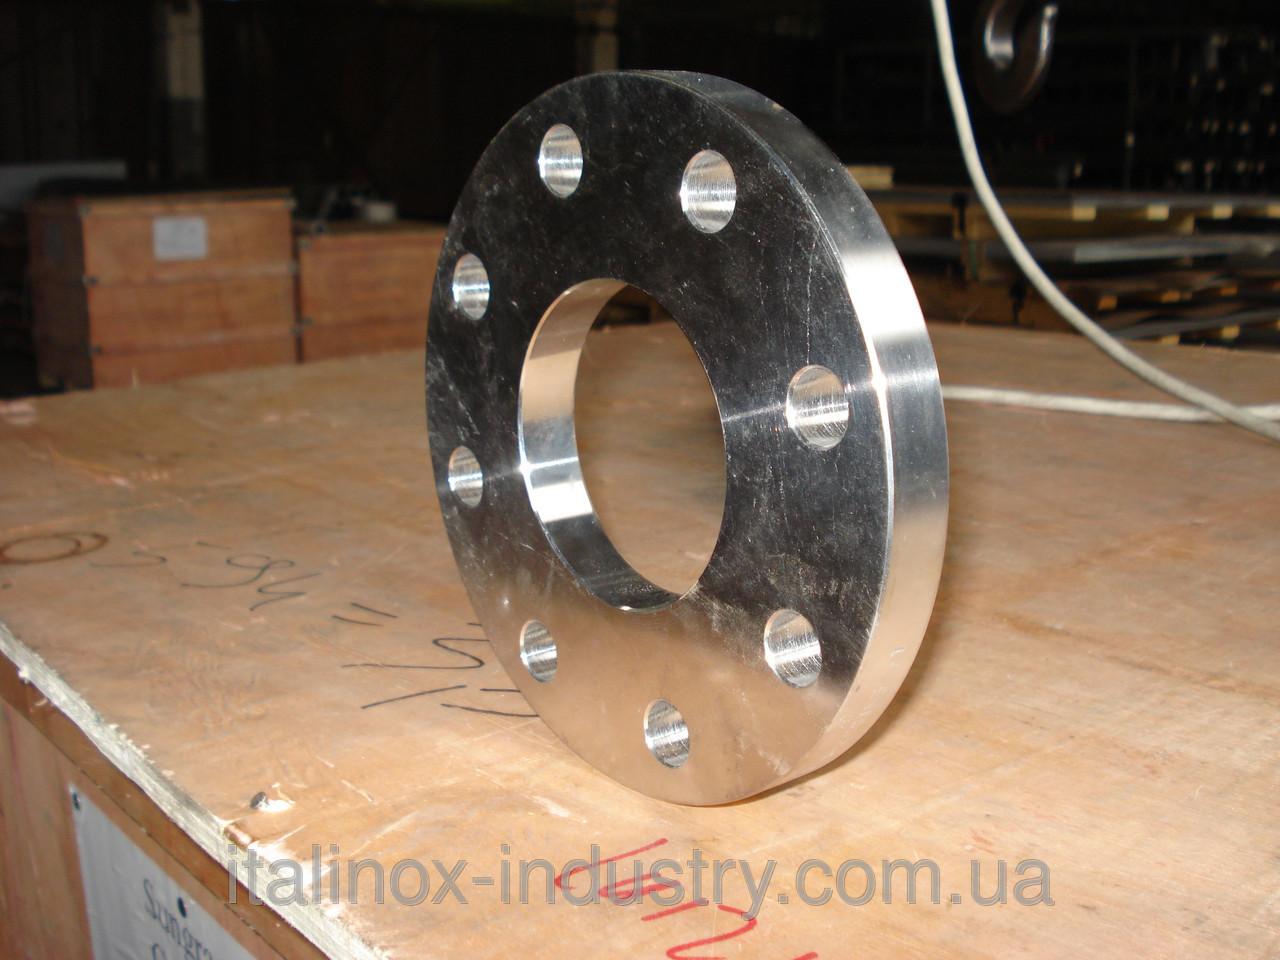 Нержавеющий фланец AISI 321 08Х18Н10Т DN 50 (Труба 57,0 мм)